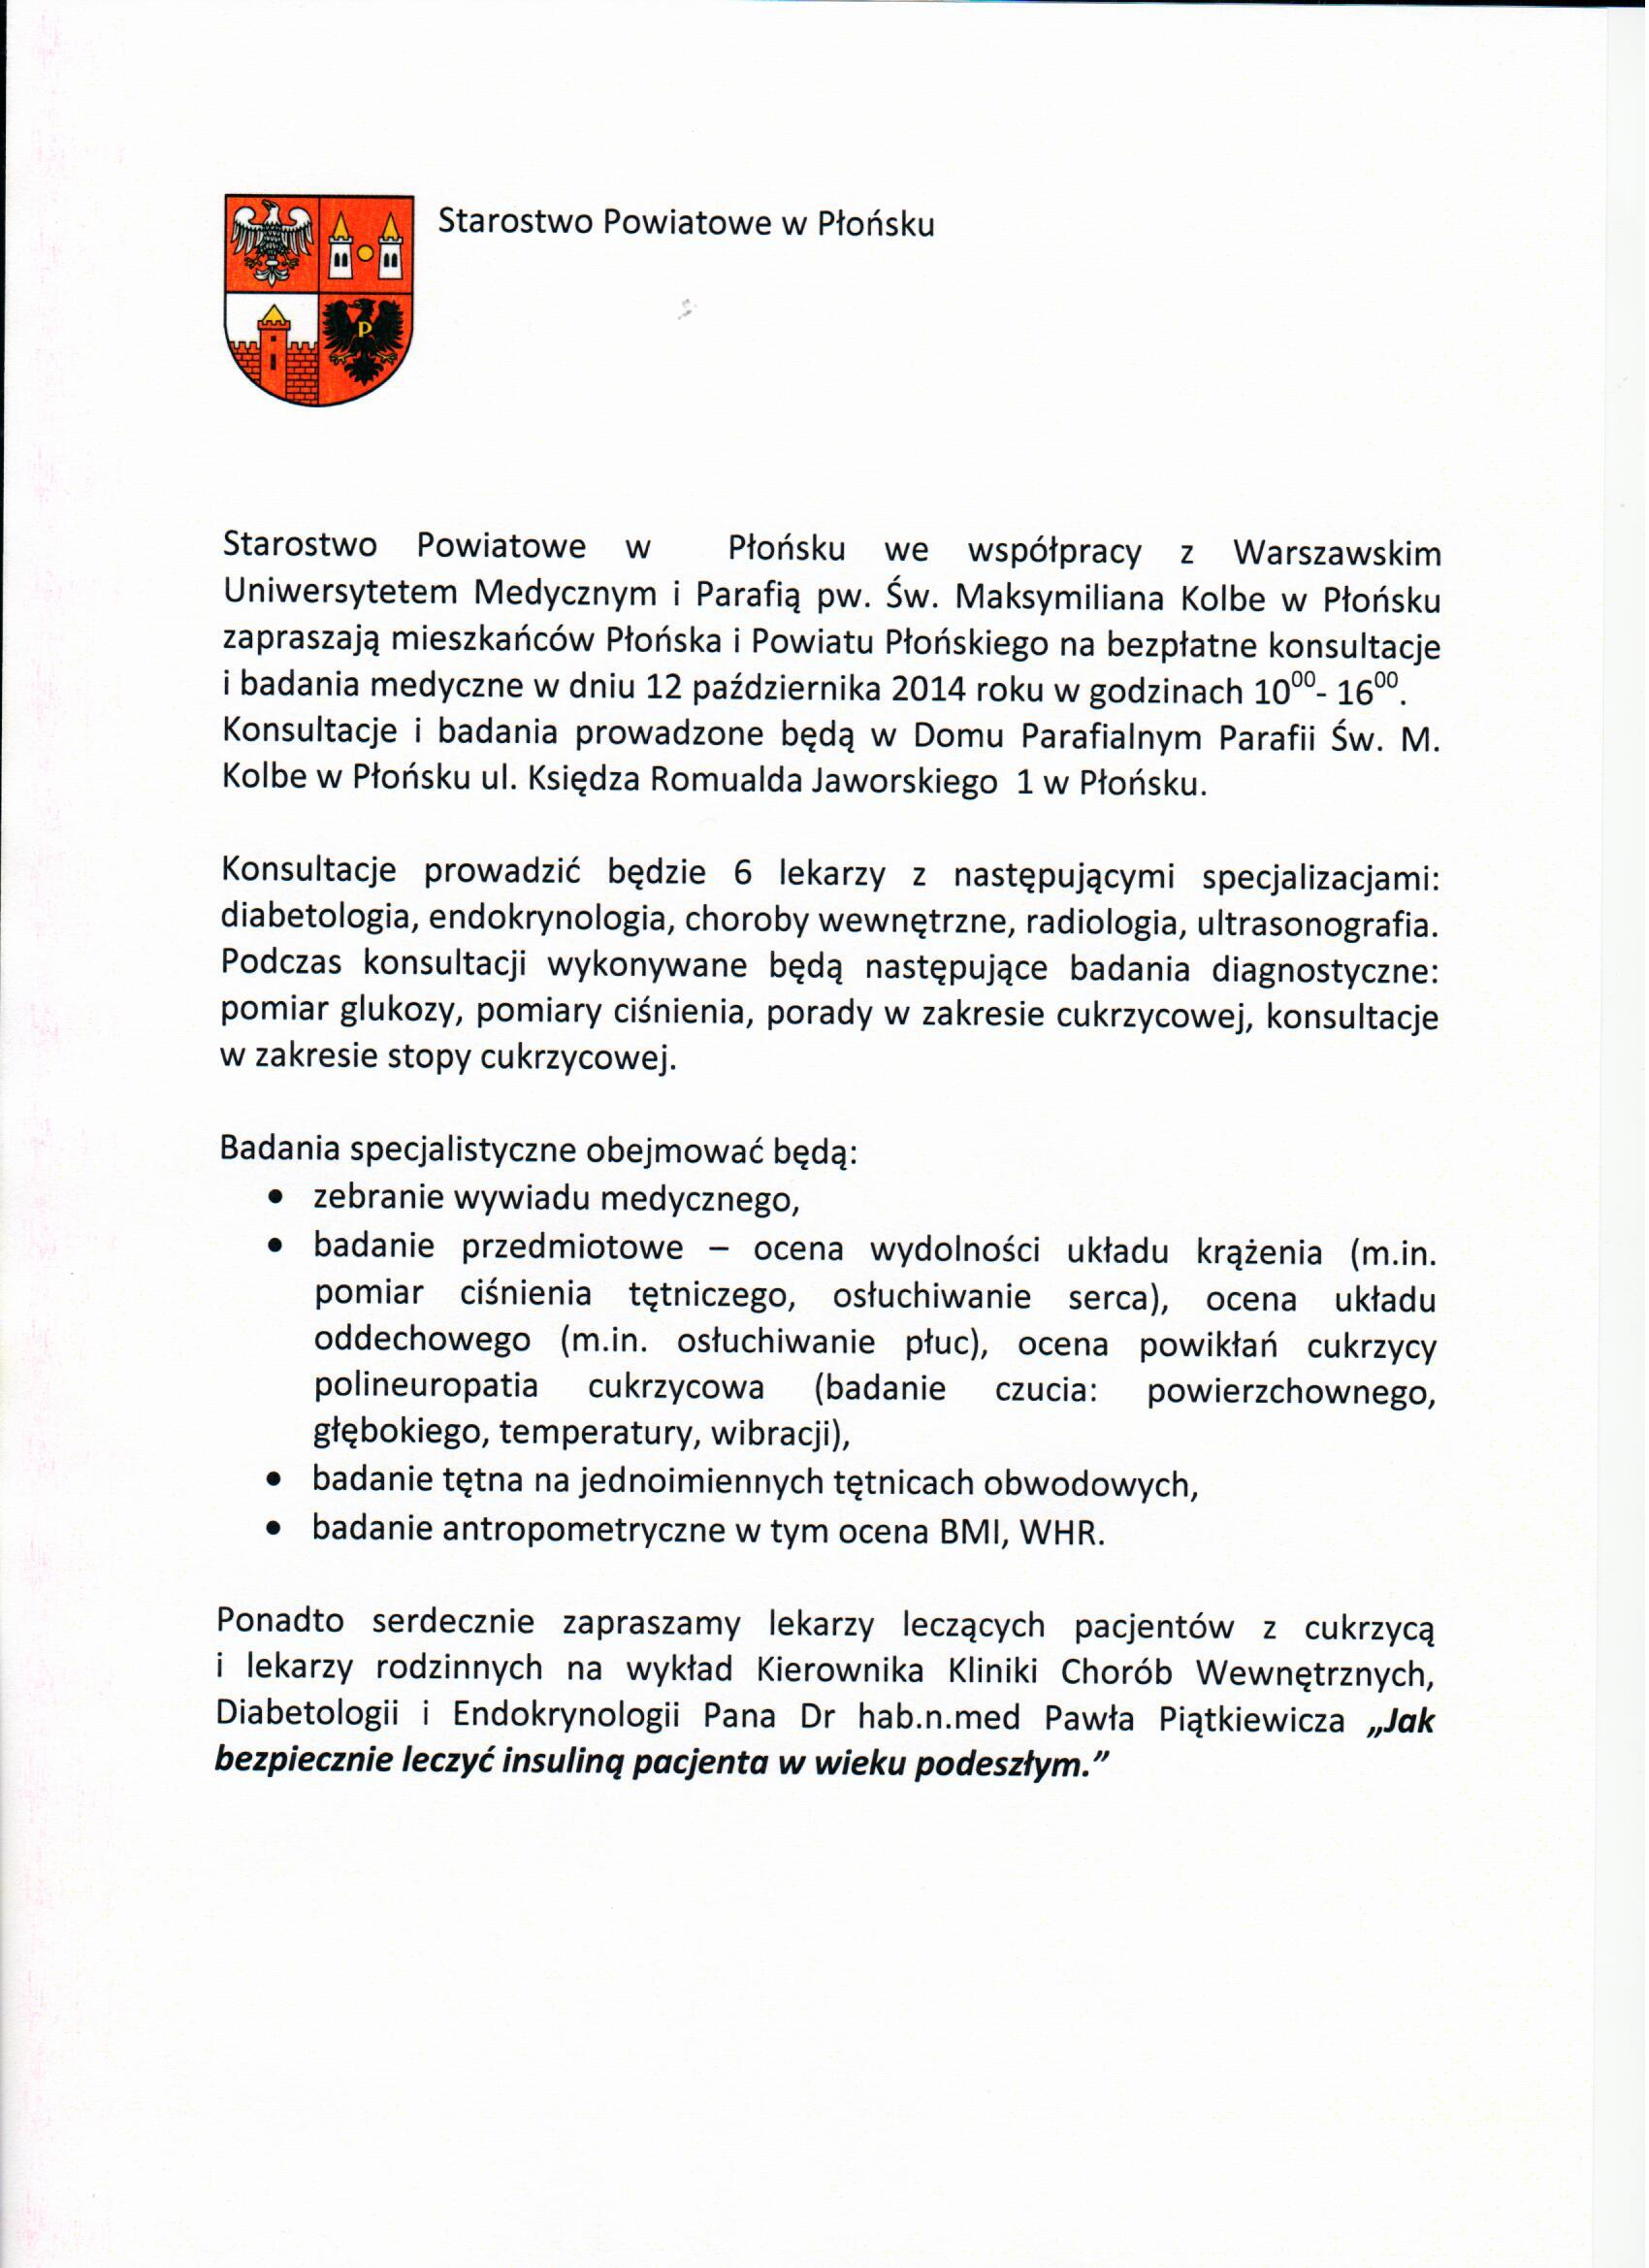 Bezpłatne konsultacje i badania medyczne – 12.10.2014